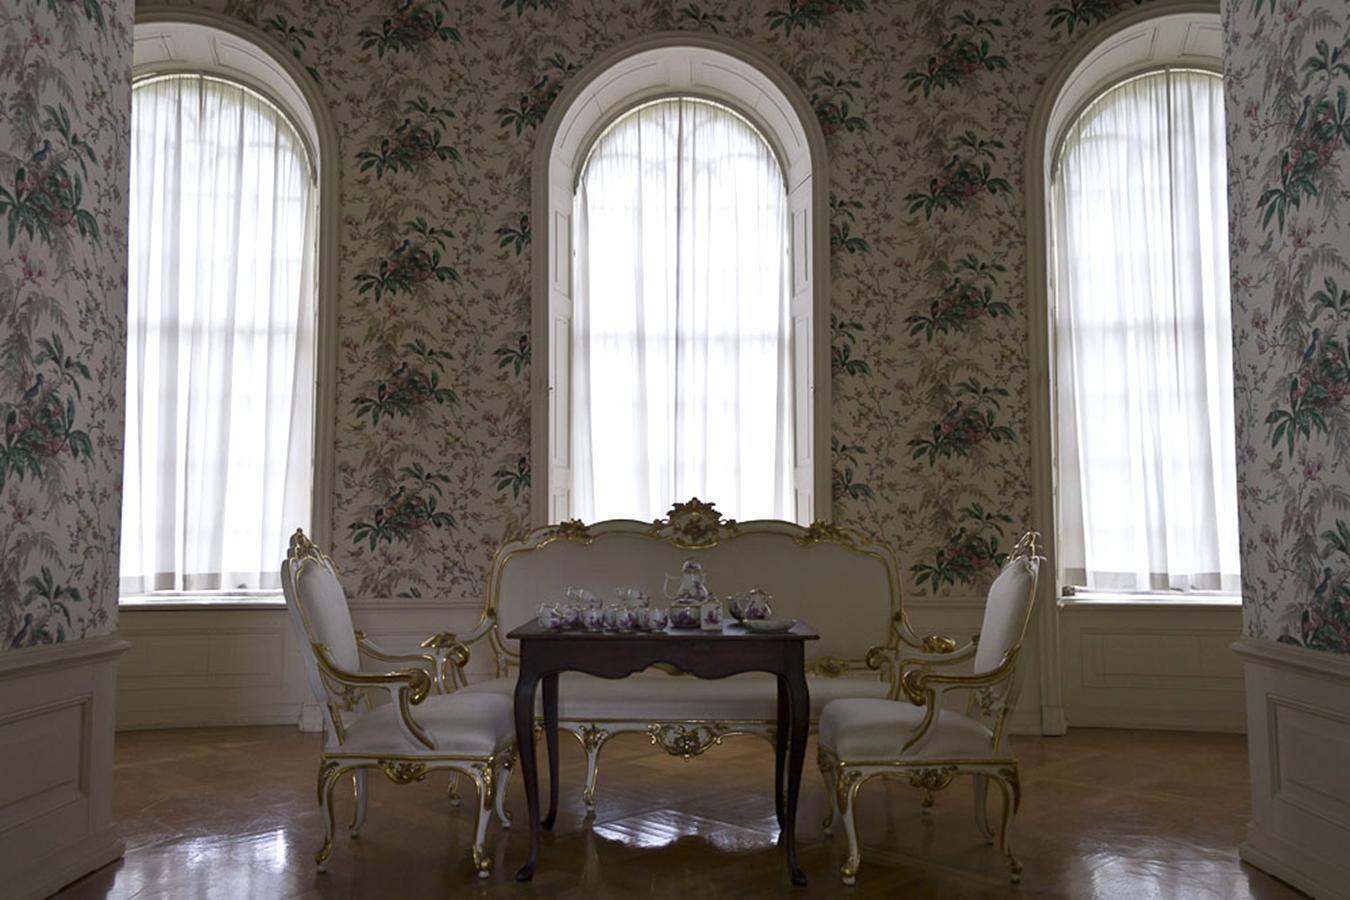 Kostenlose Bild: Innen, raum, fenster, wand, kunst, luxus, möbel ...